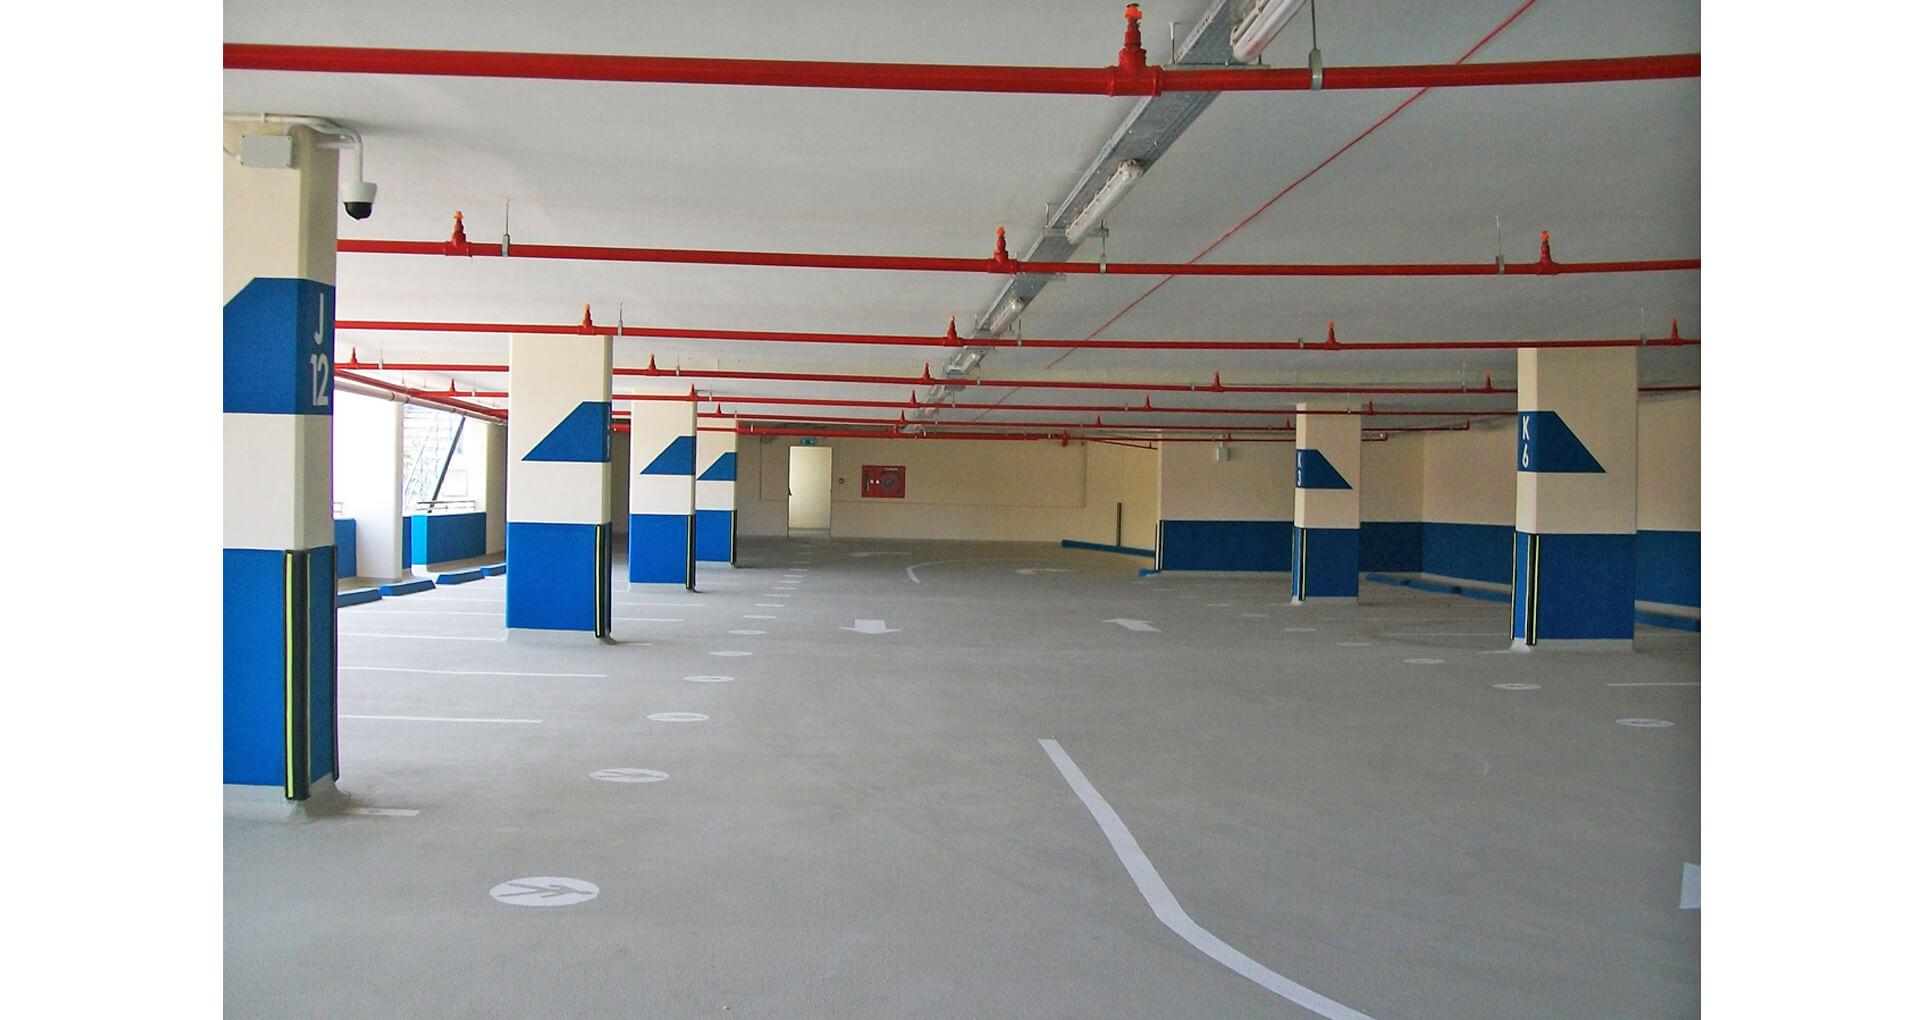 Molokan Car Park